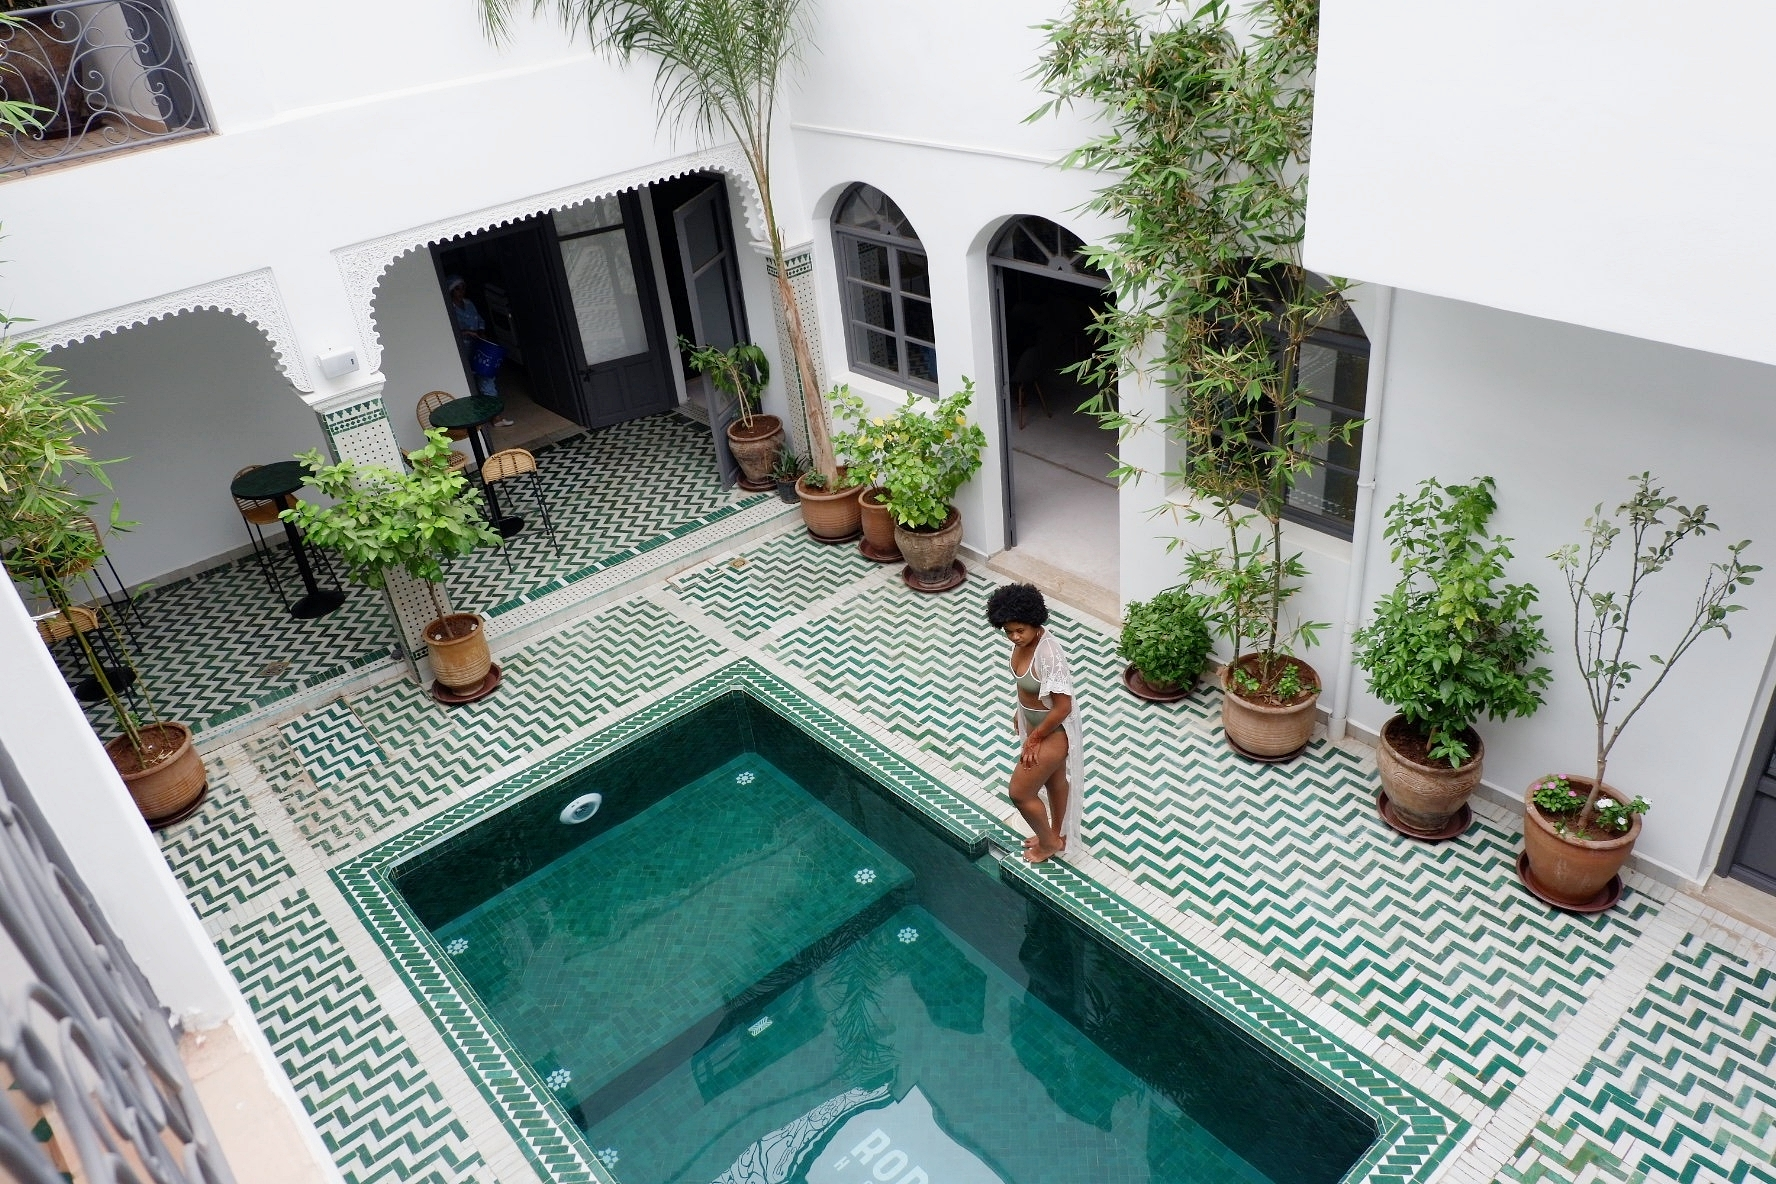 Marrakech_Rodamon Hostel Review_You Me Travel Co